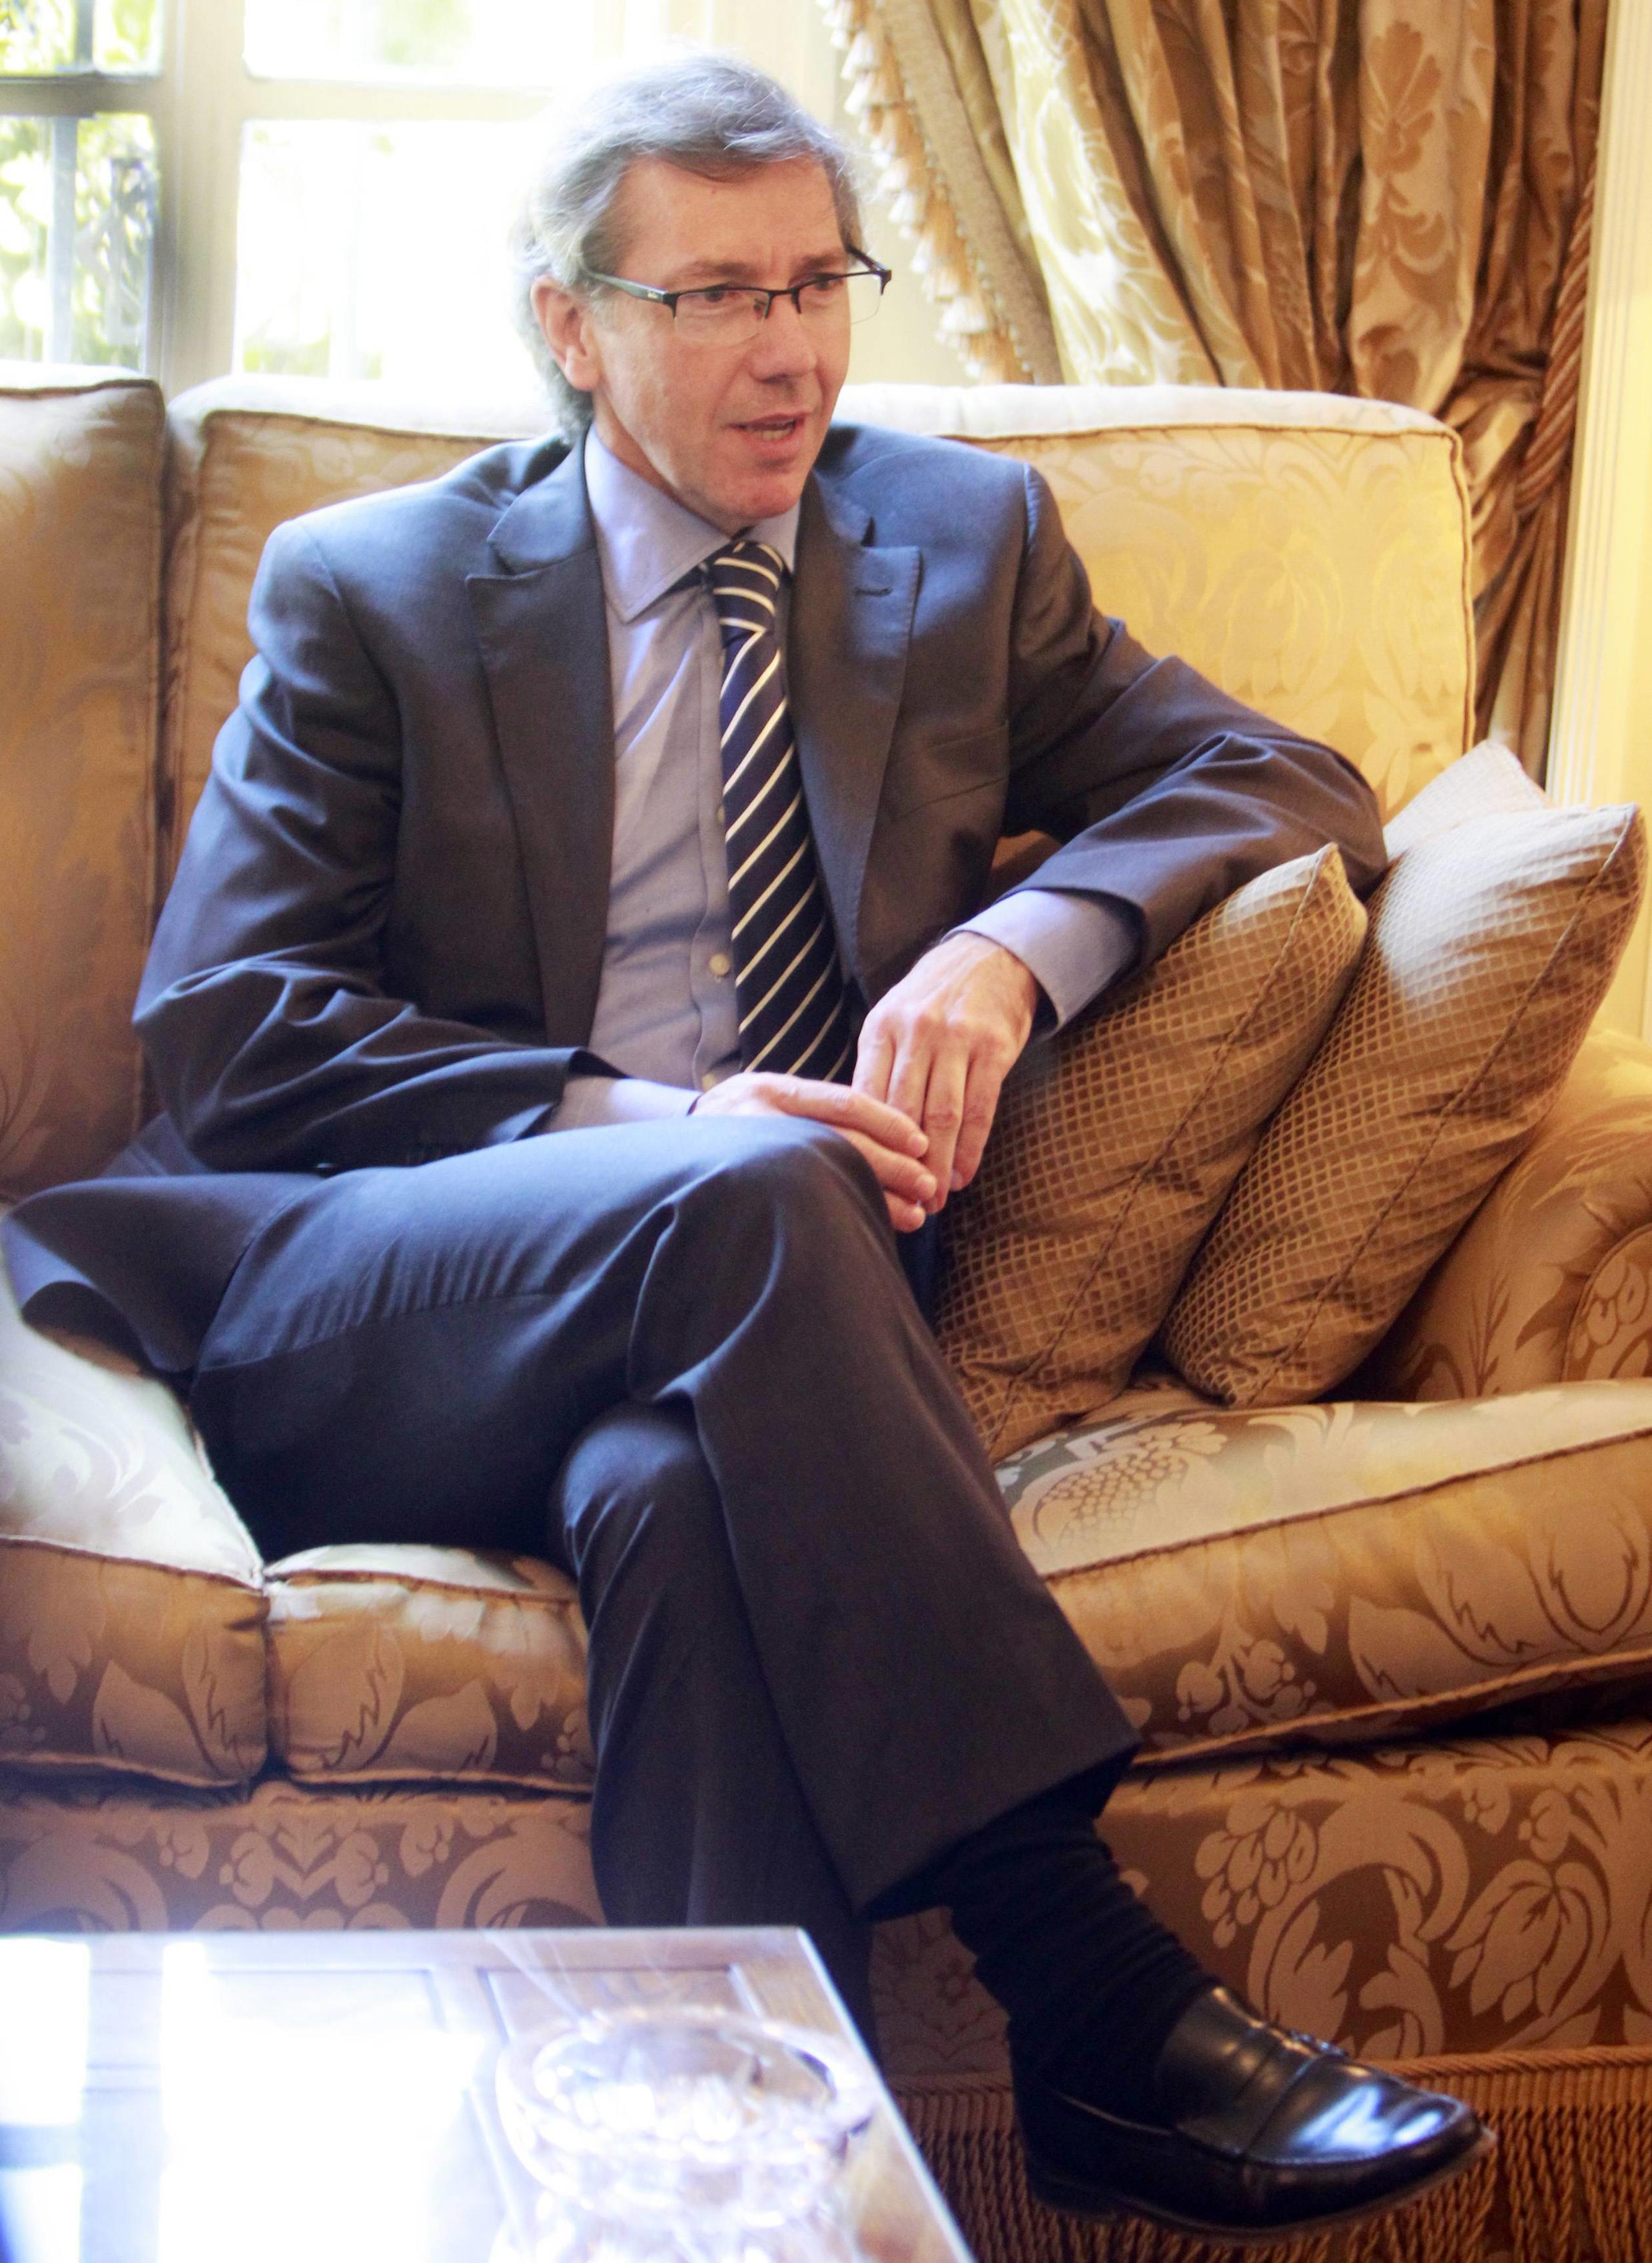 Бернардино Леон, специальный представитель ЕС в Южном Средиземноморье, во время визита в Каир 1 августа 2013